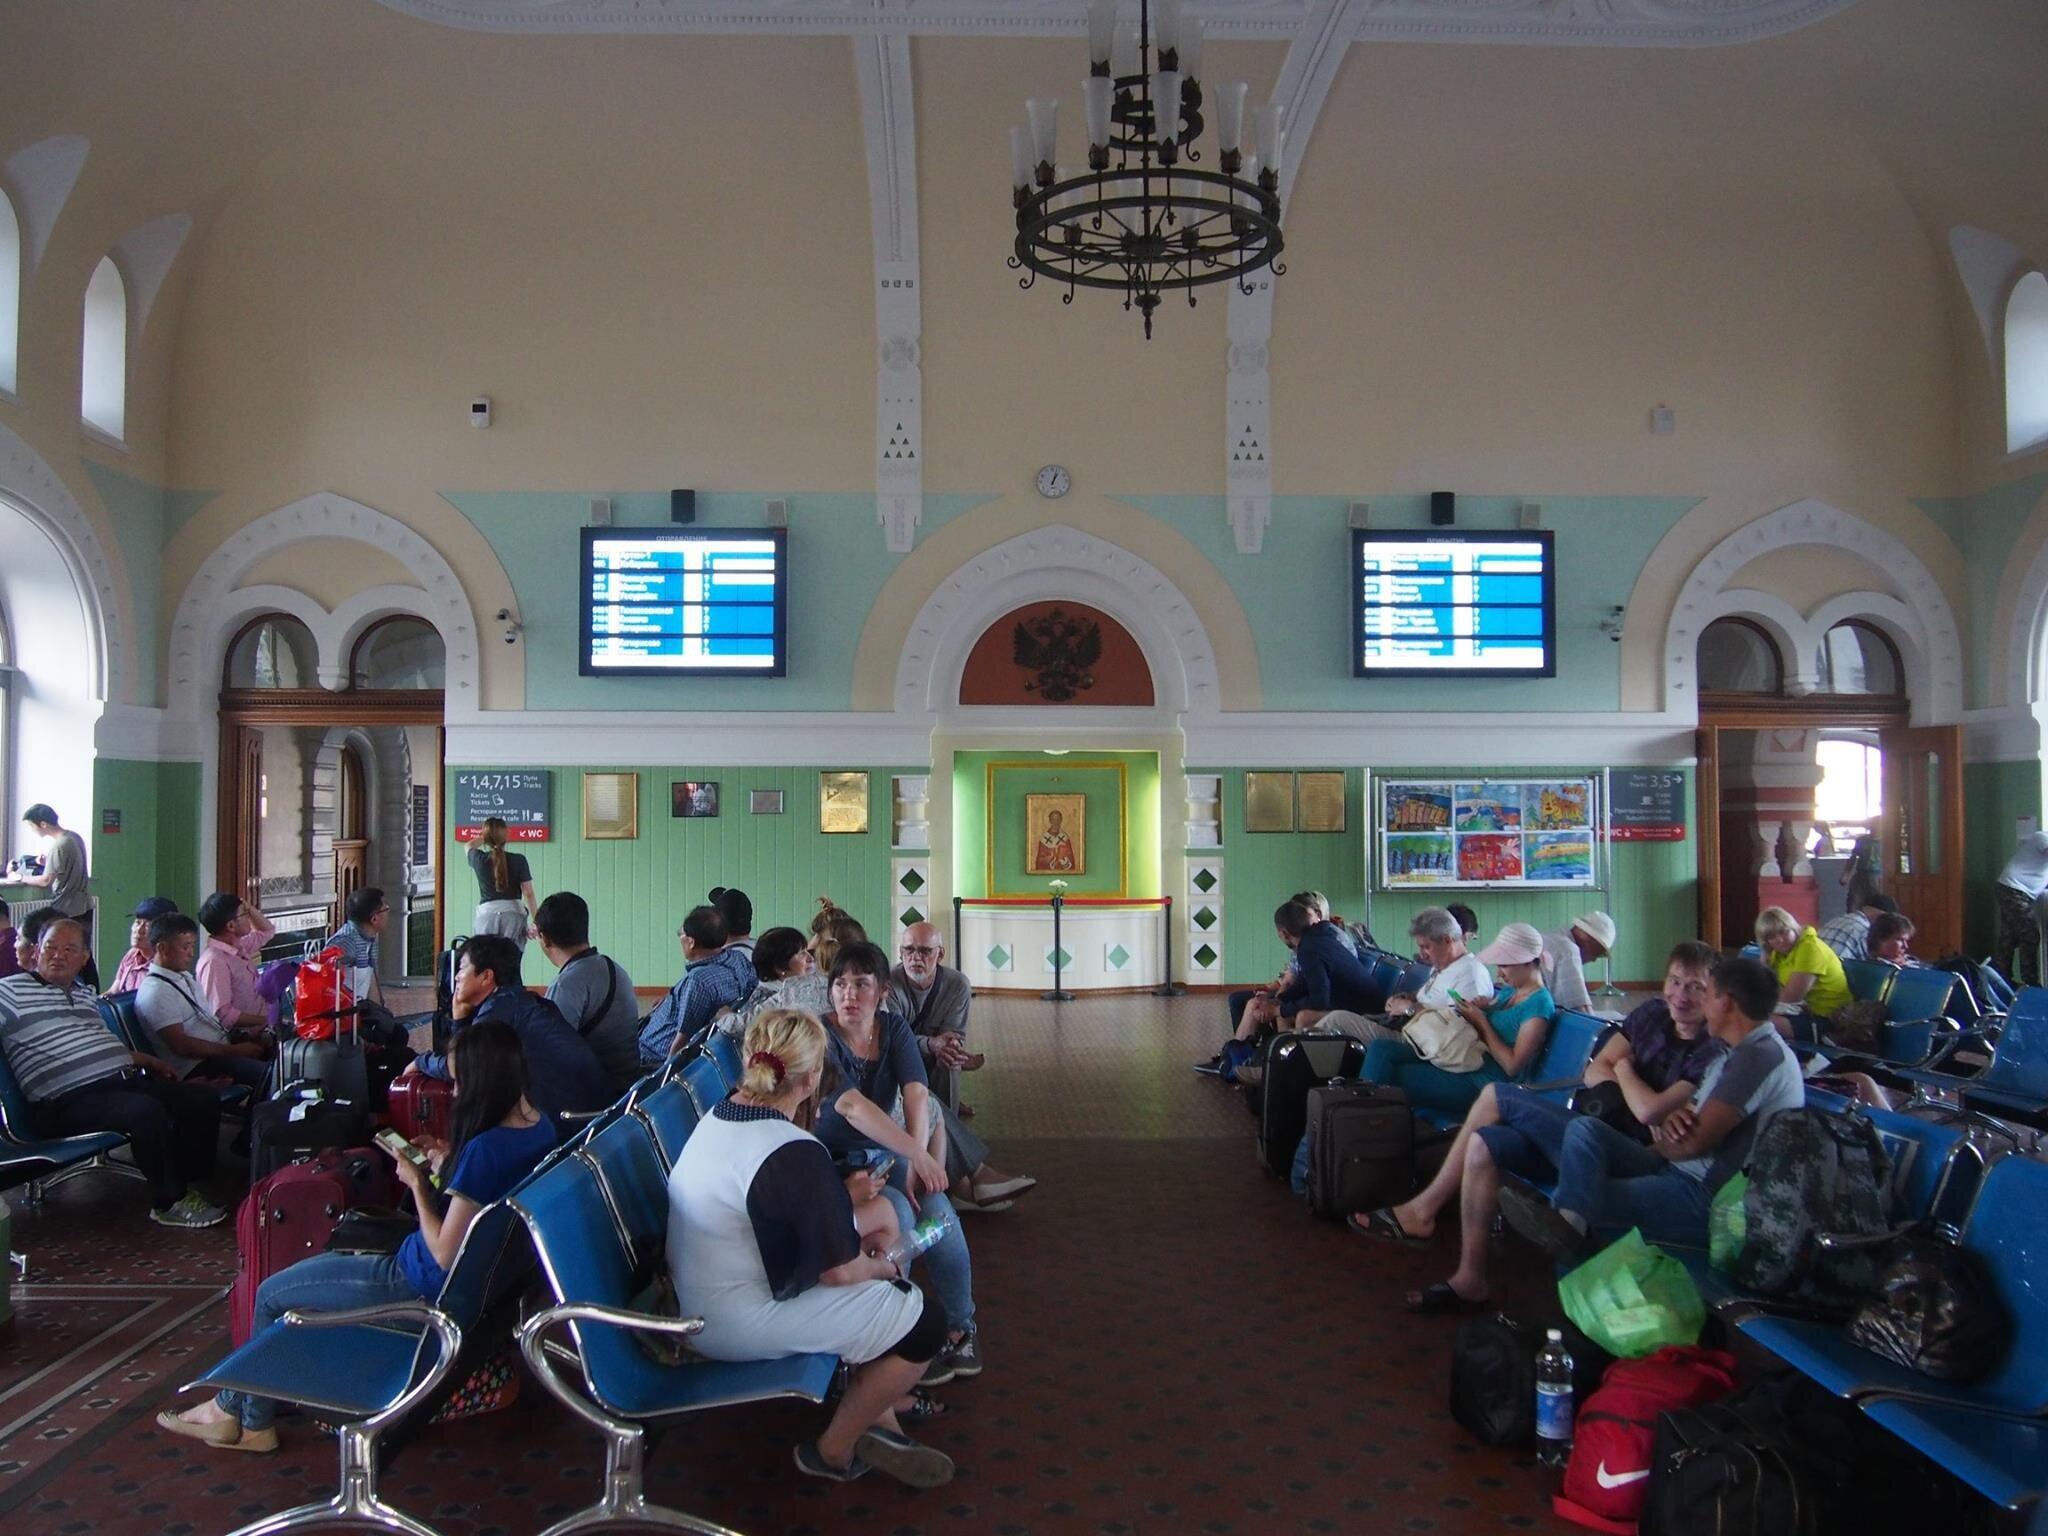 シベリア鉄道の起点駅ウラジオストク駅の待合室